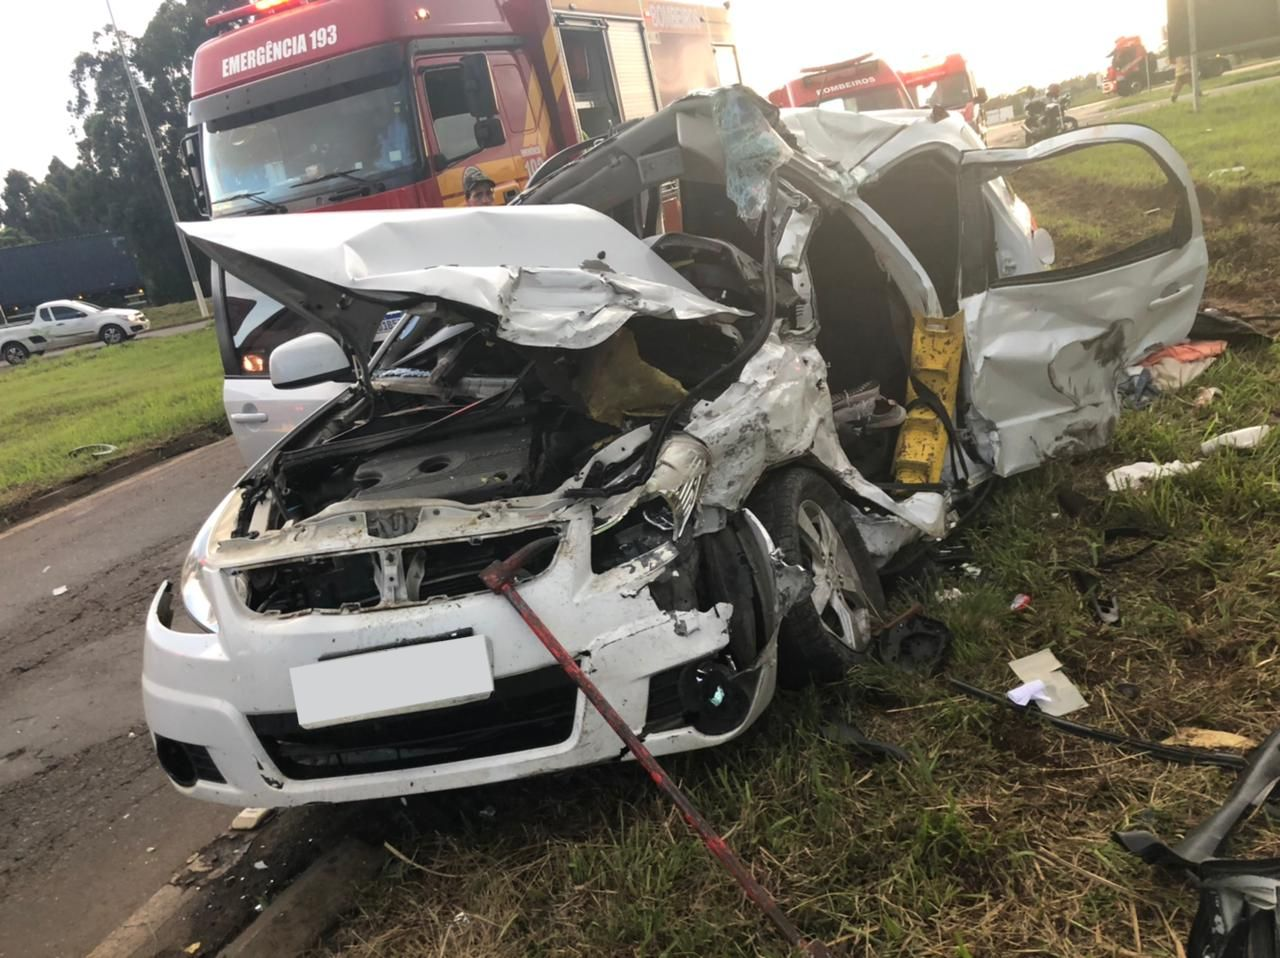 Condutora do carro ficou presa às ferragens em grave acidente - Corpo de Bombeiros Voluntários/Divulgação